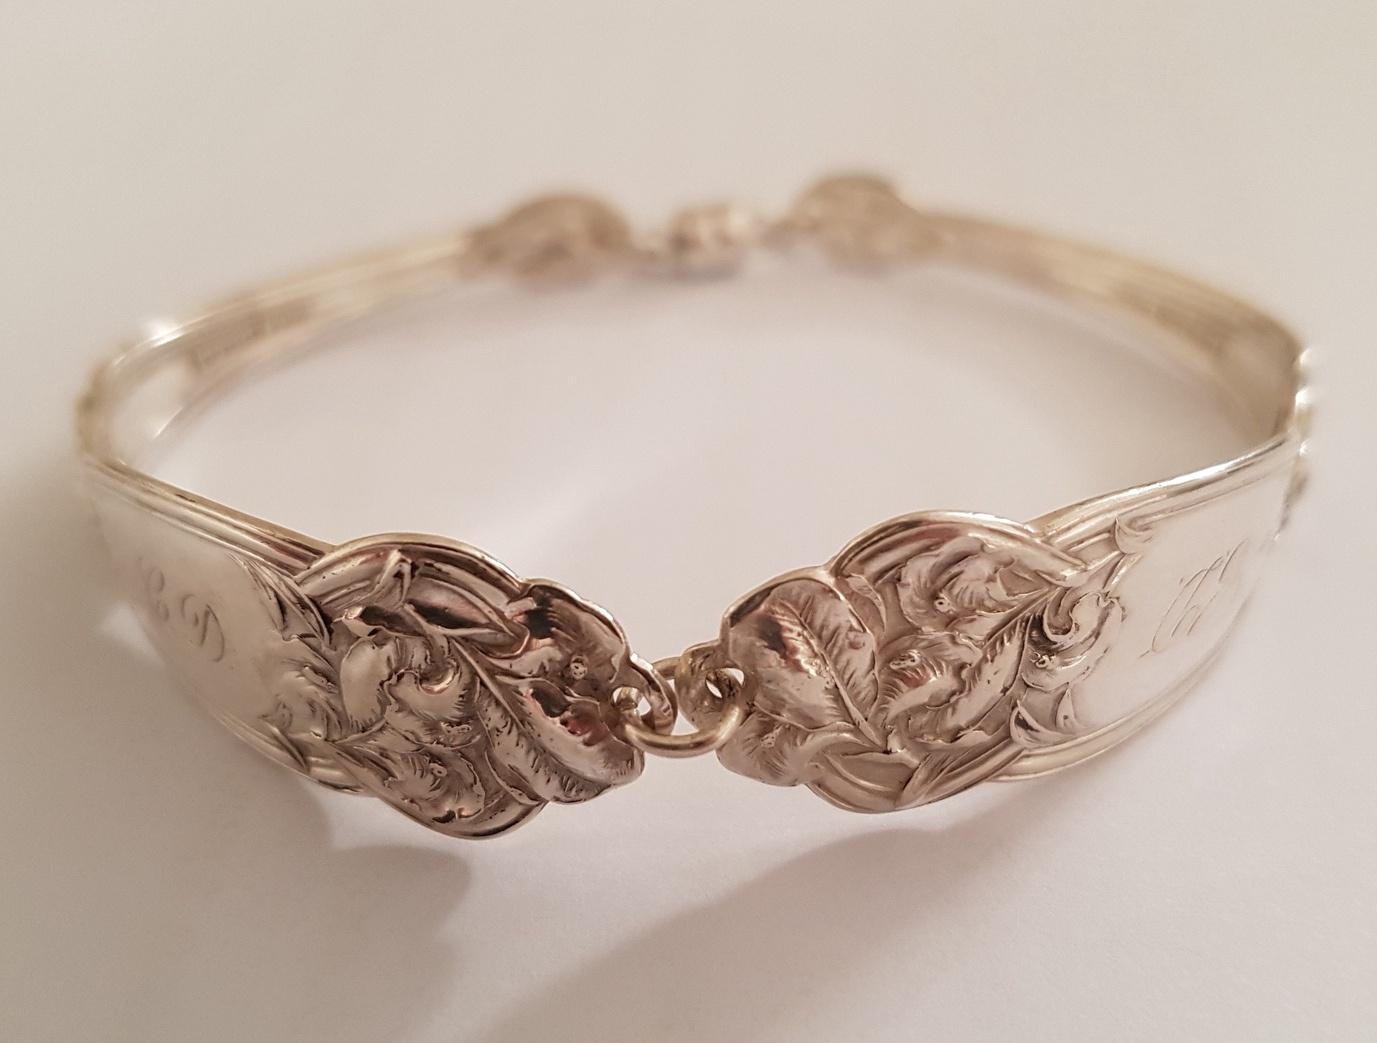 Vintage sterling silver floral spoon bracelet